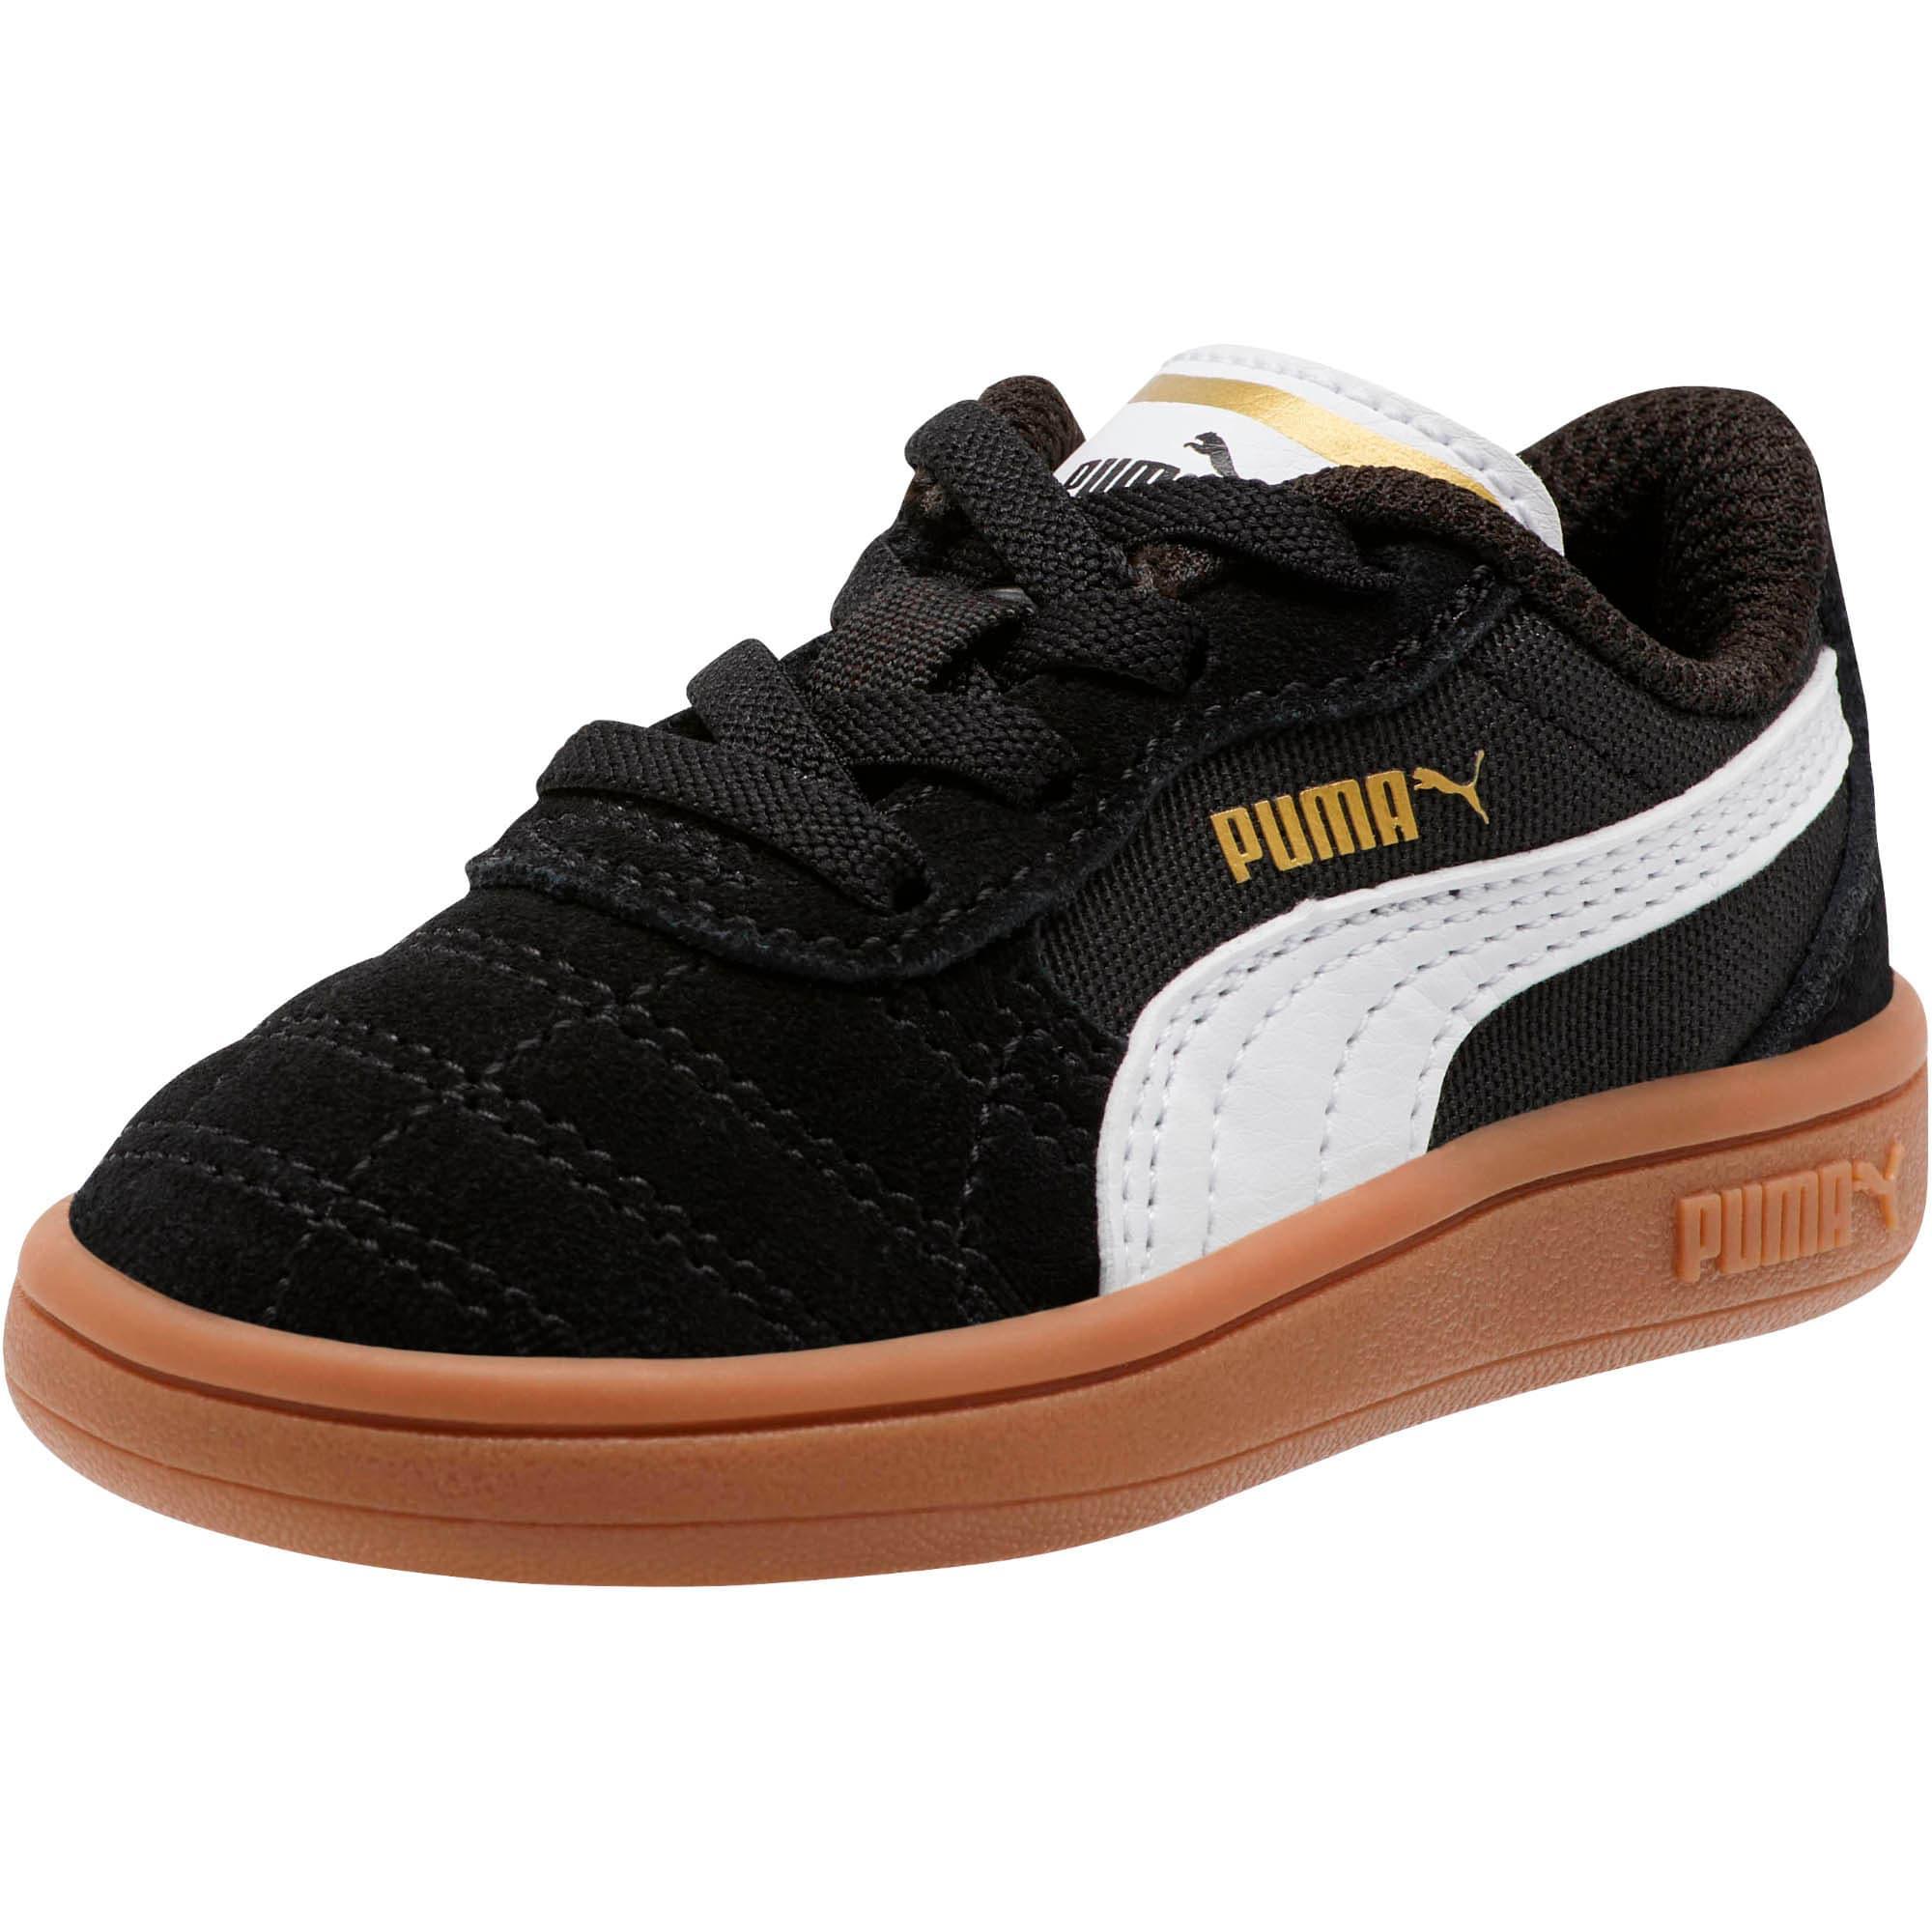 Miniatura 1 de Zapatos Astro Kick AC para bebé, Puma Black-Puma White-Gold, mediano